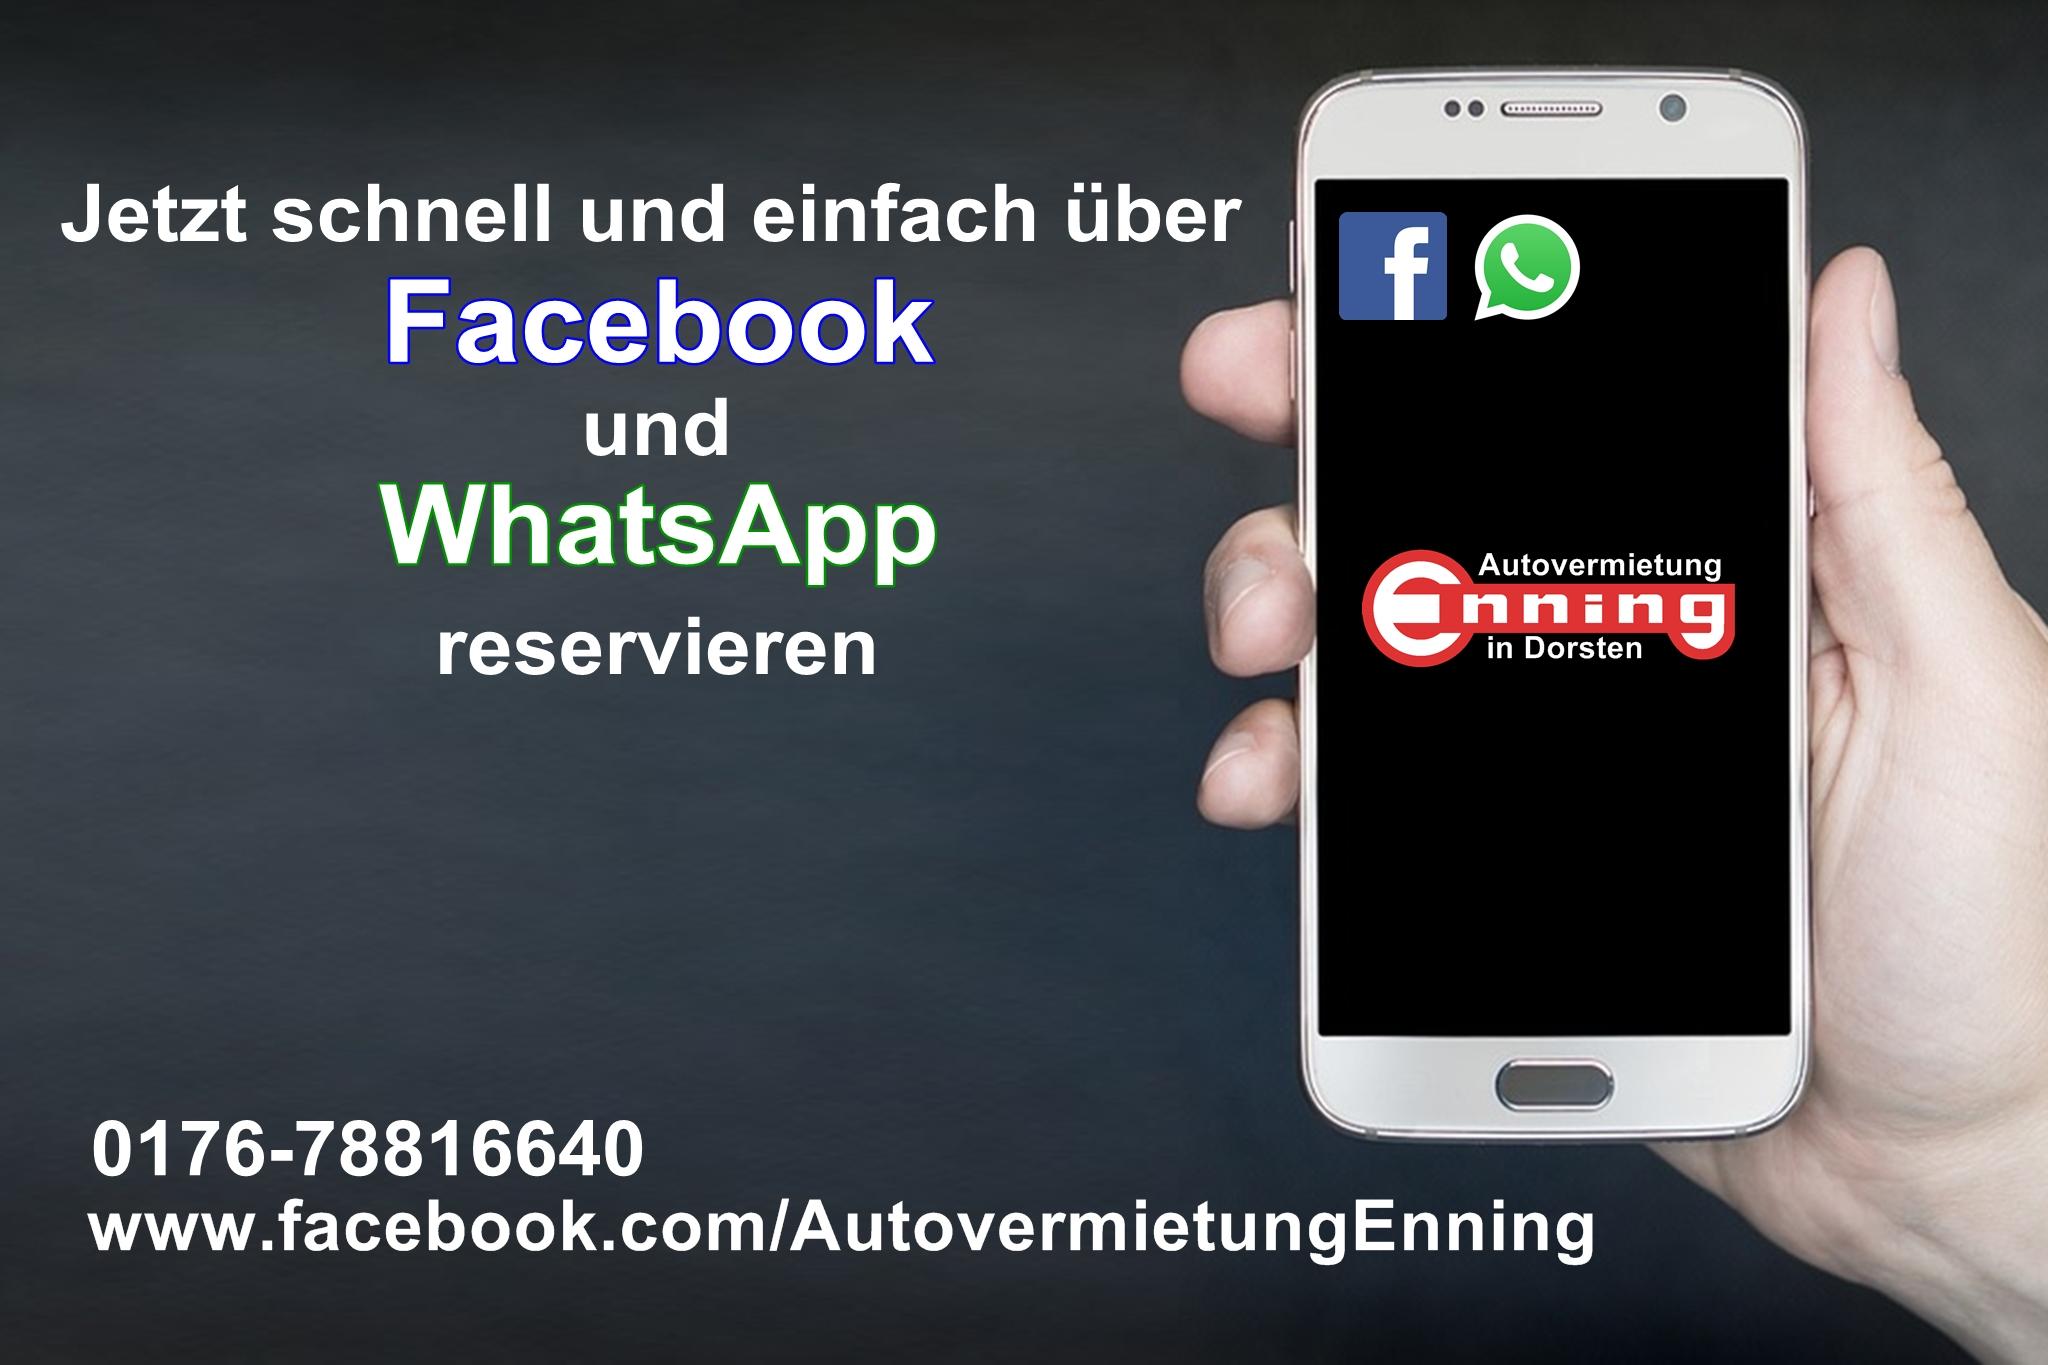 Facebook Whatsapp Enning Autovermietung Dorsten